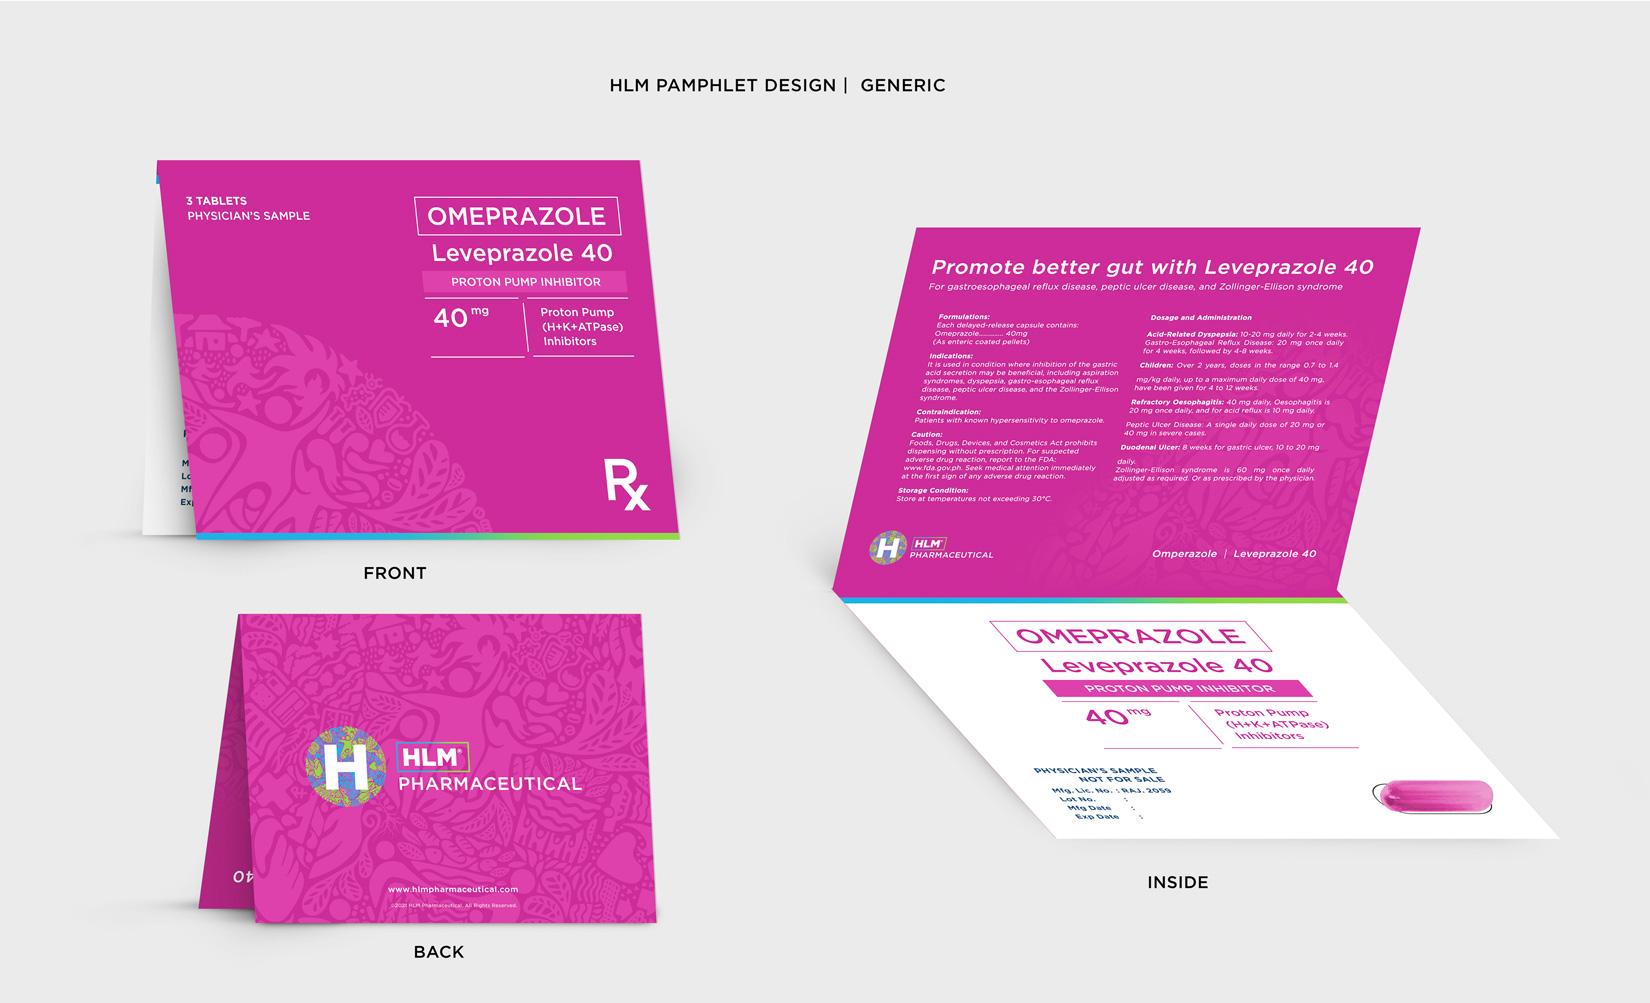 HLM-Pharma-4